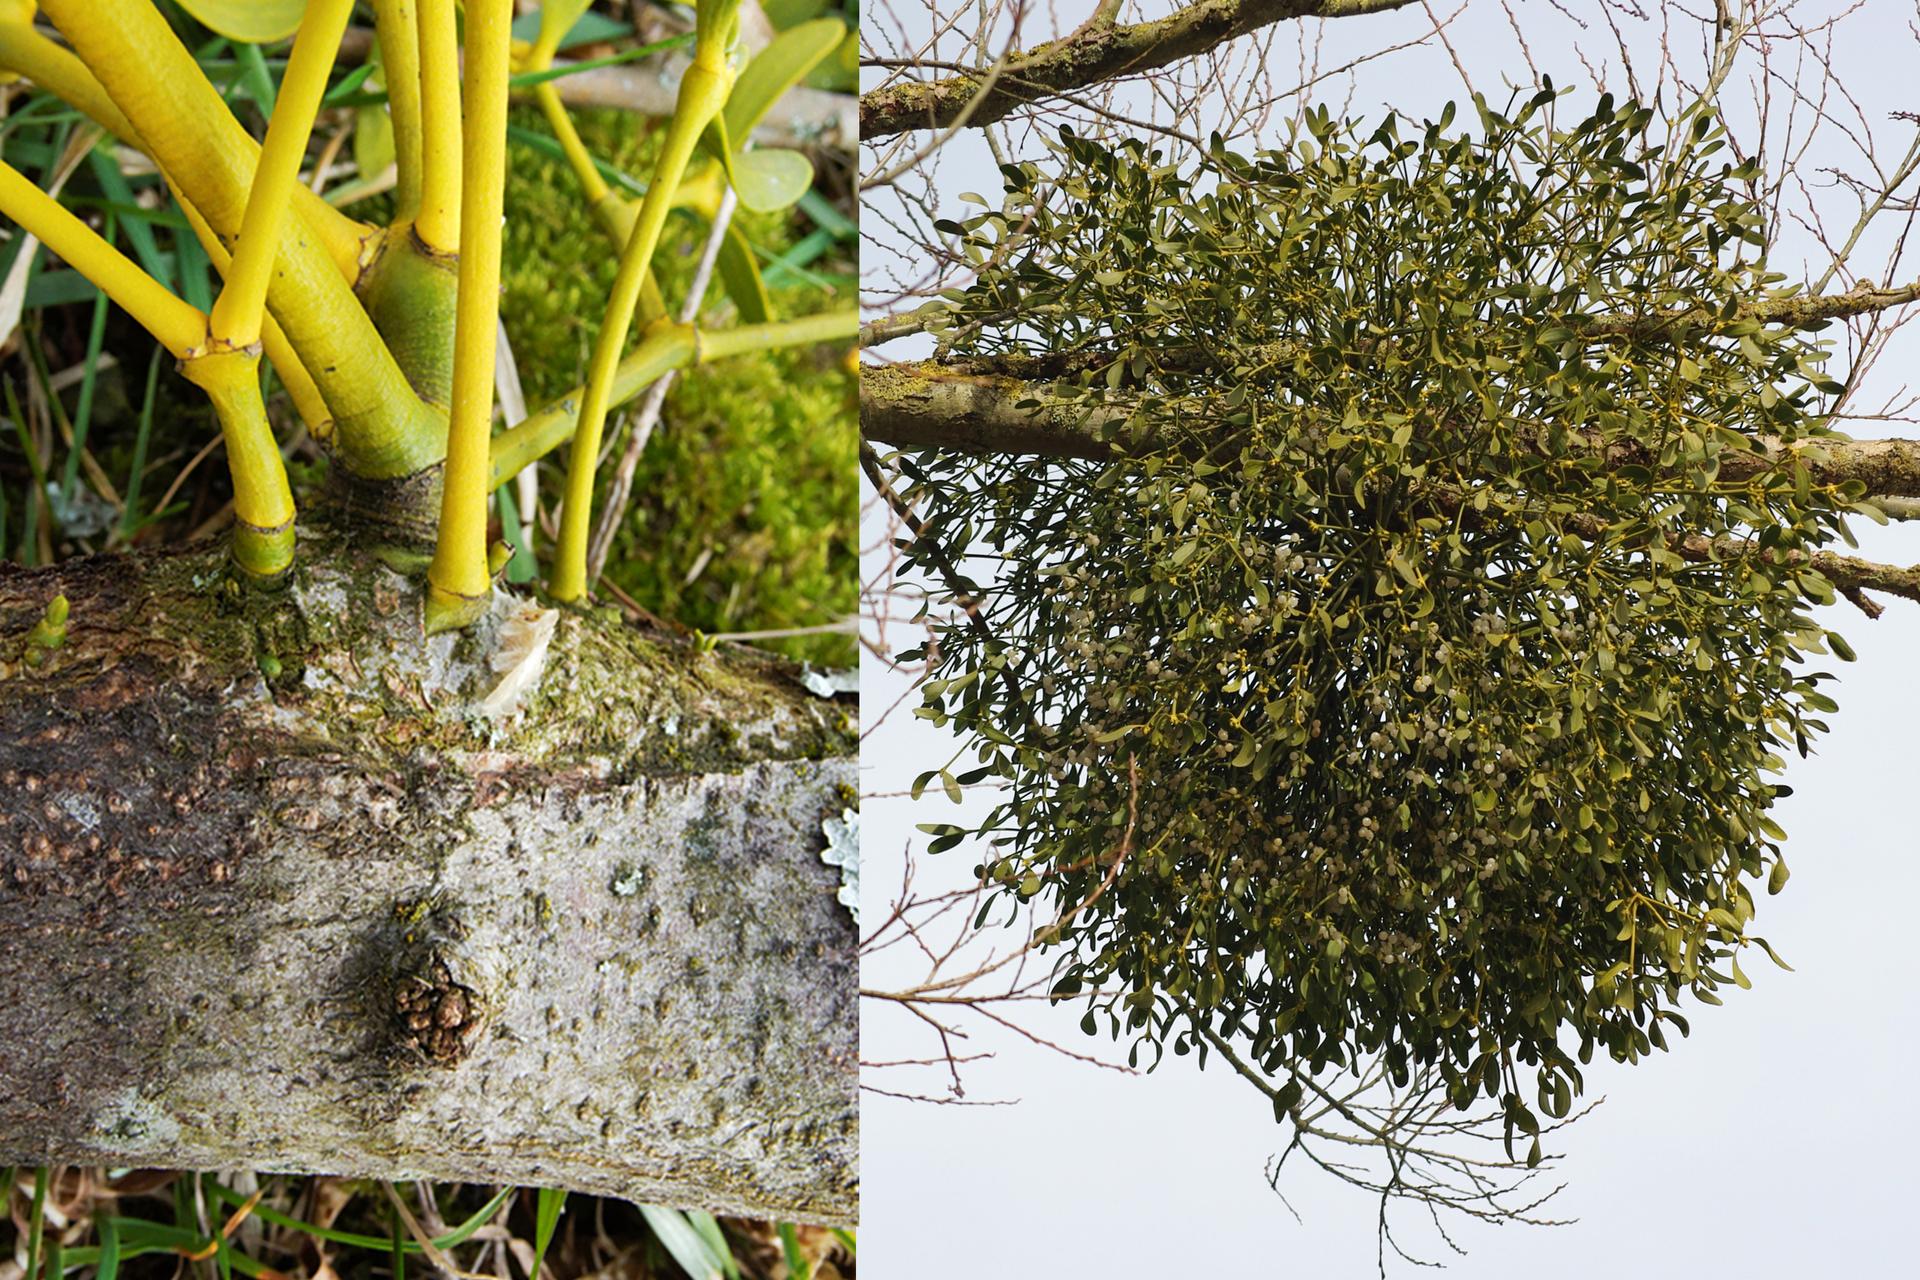 Ilustracja składa się zdwóch fotografii. Lewa przedstawia zbliżenie gałęzi drzewa, spod kory wyrastają żółto zielone pędy jemioły. Prawa fotografia przedstawia dużą kulistą jemiołę, rosnącą gałęzi drzewa.